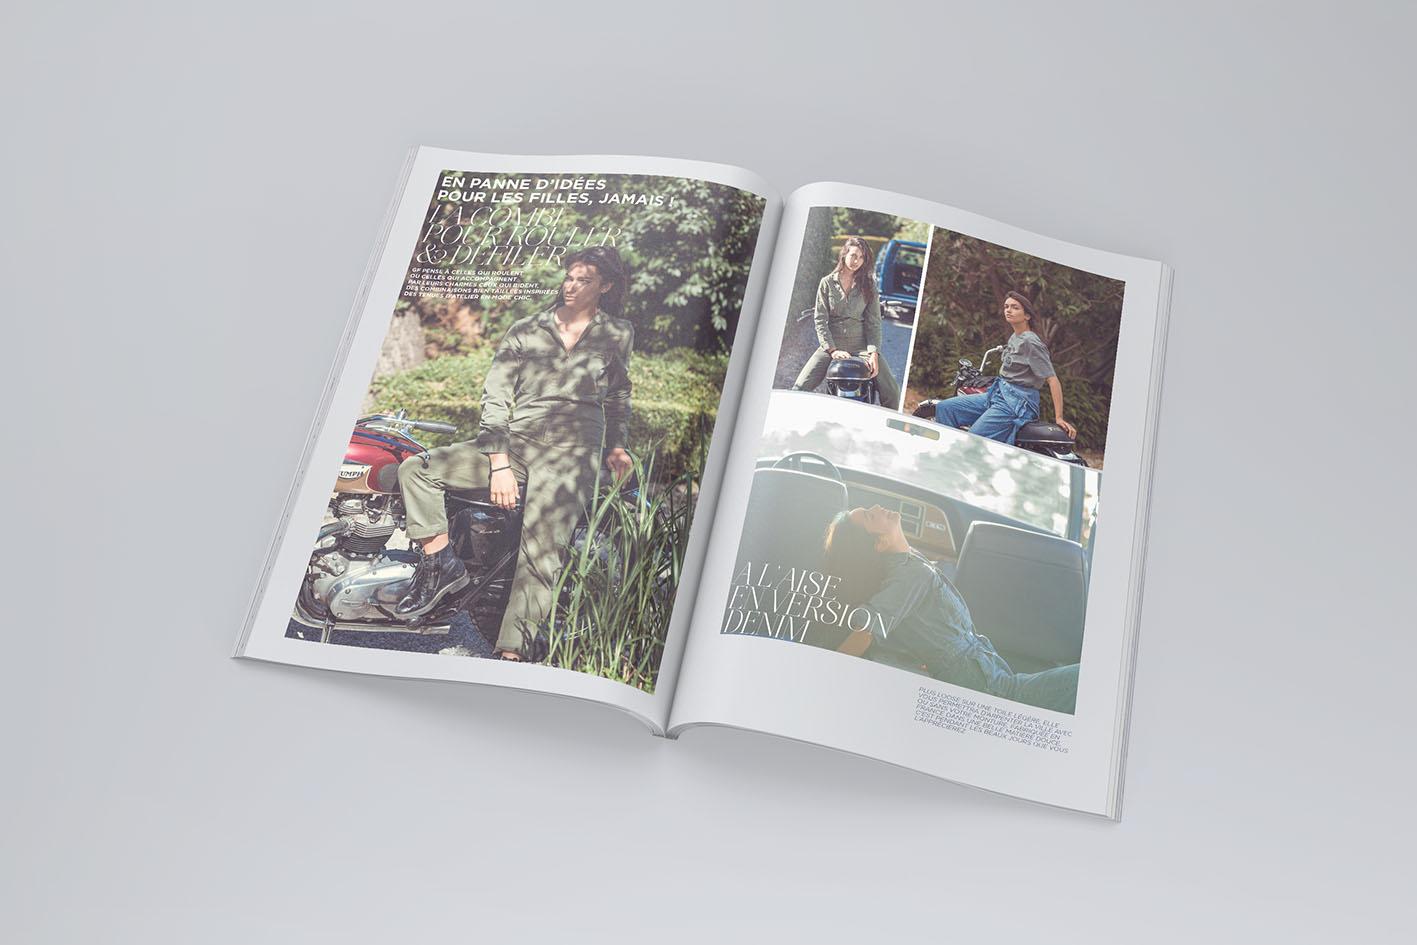 Création de catalogue mode et accessoires, direction artistique et création sakkamoto Lille, agence de communication et studio de création Lilloise.